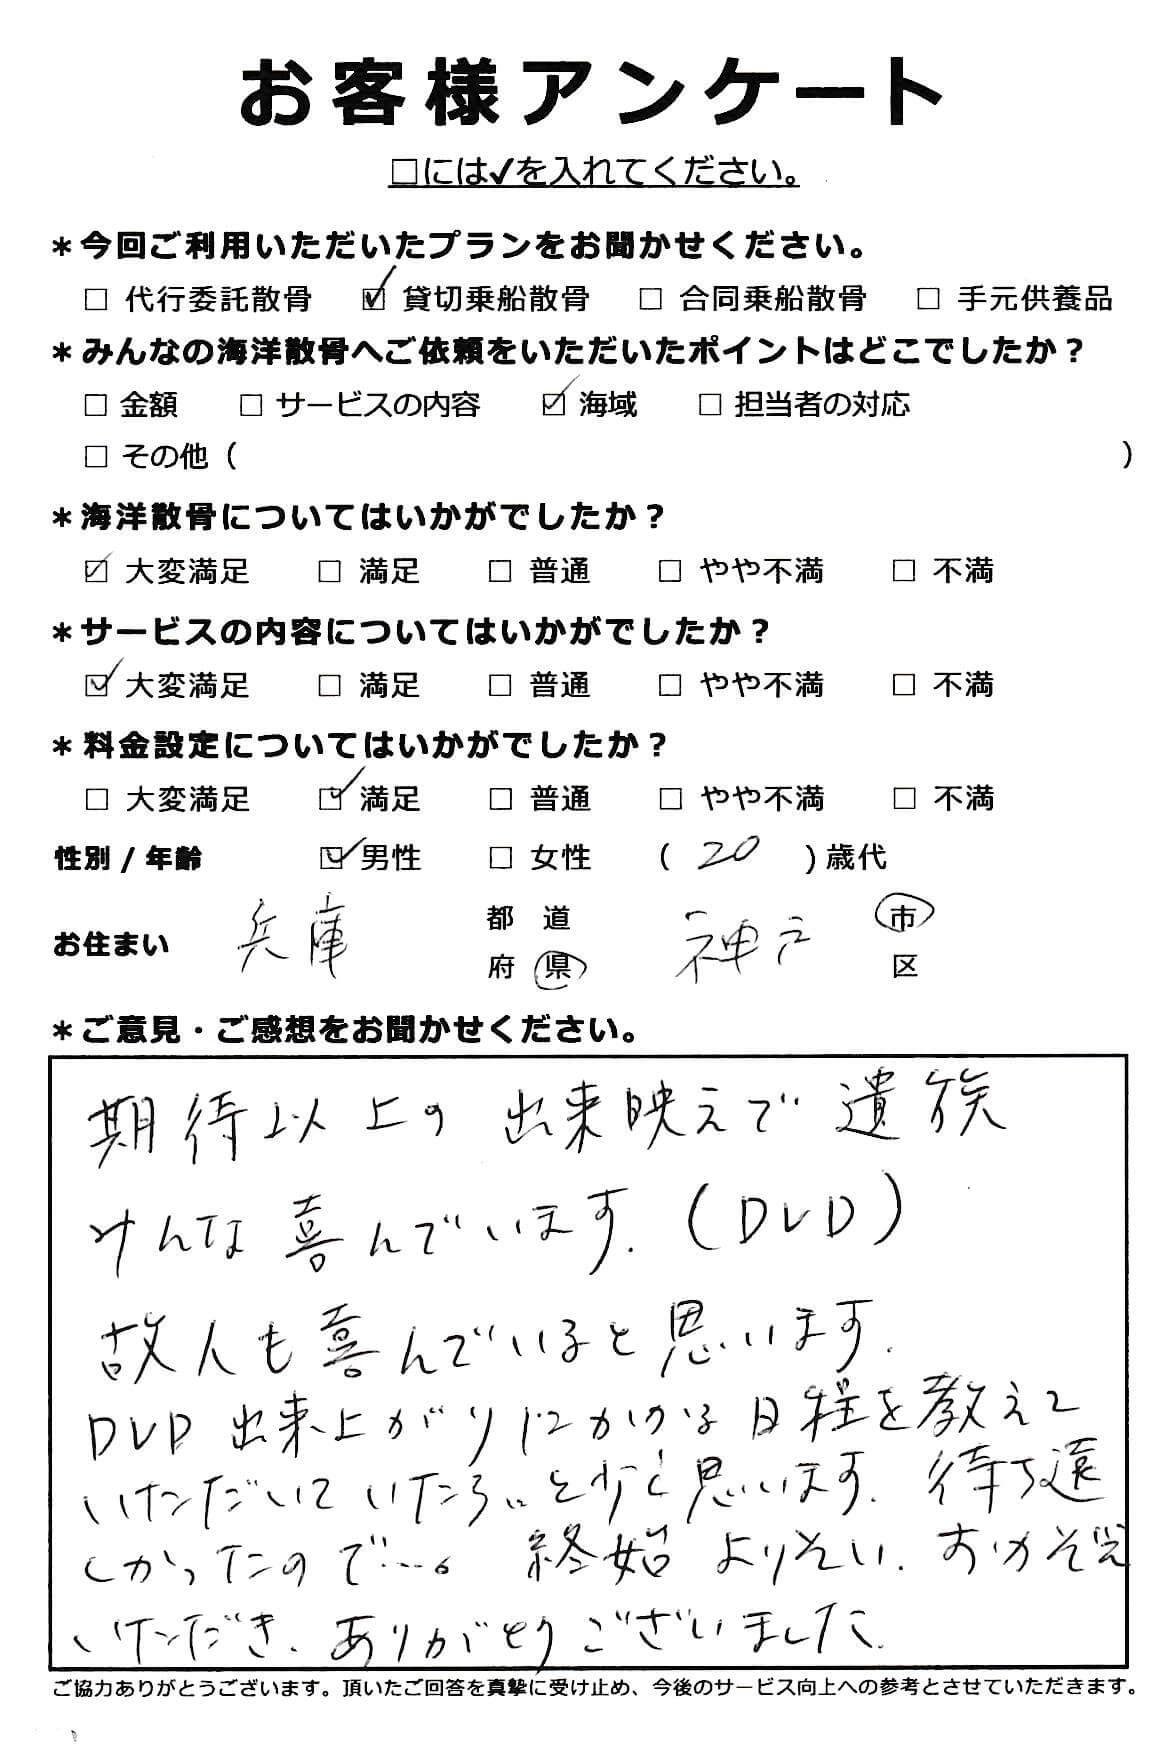 兵庫県 神戸市 20代男性 貸切乗船散骨